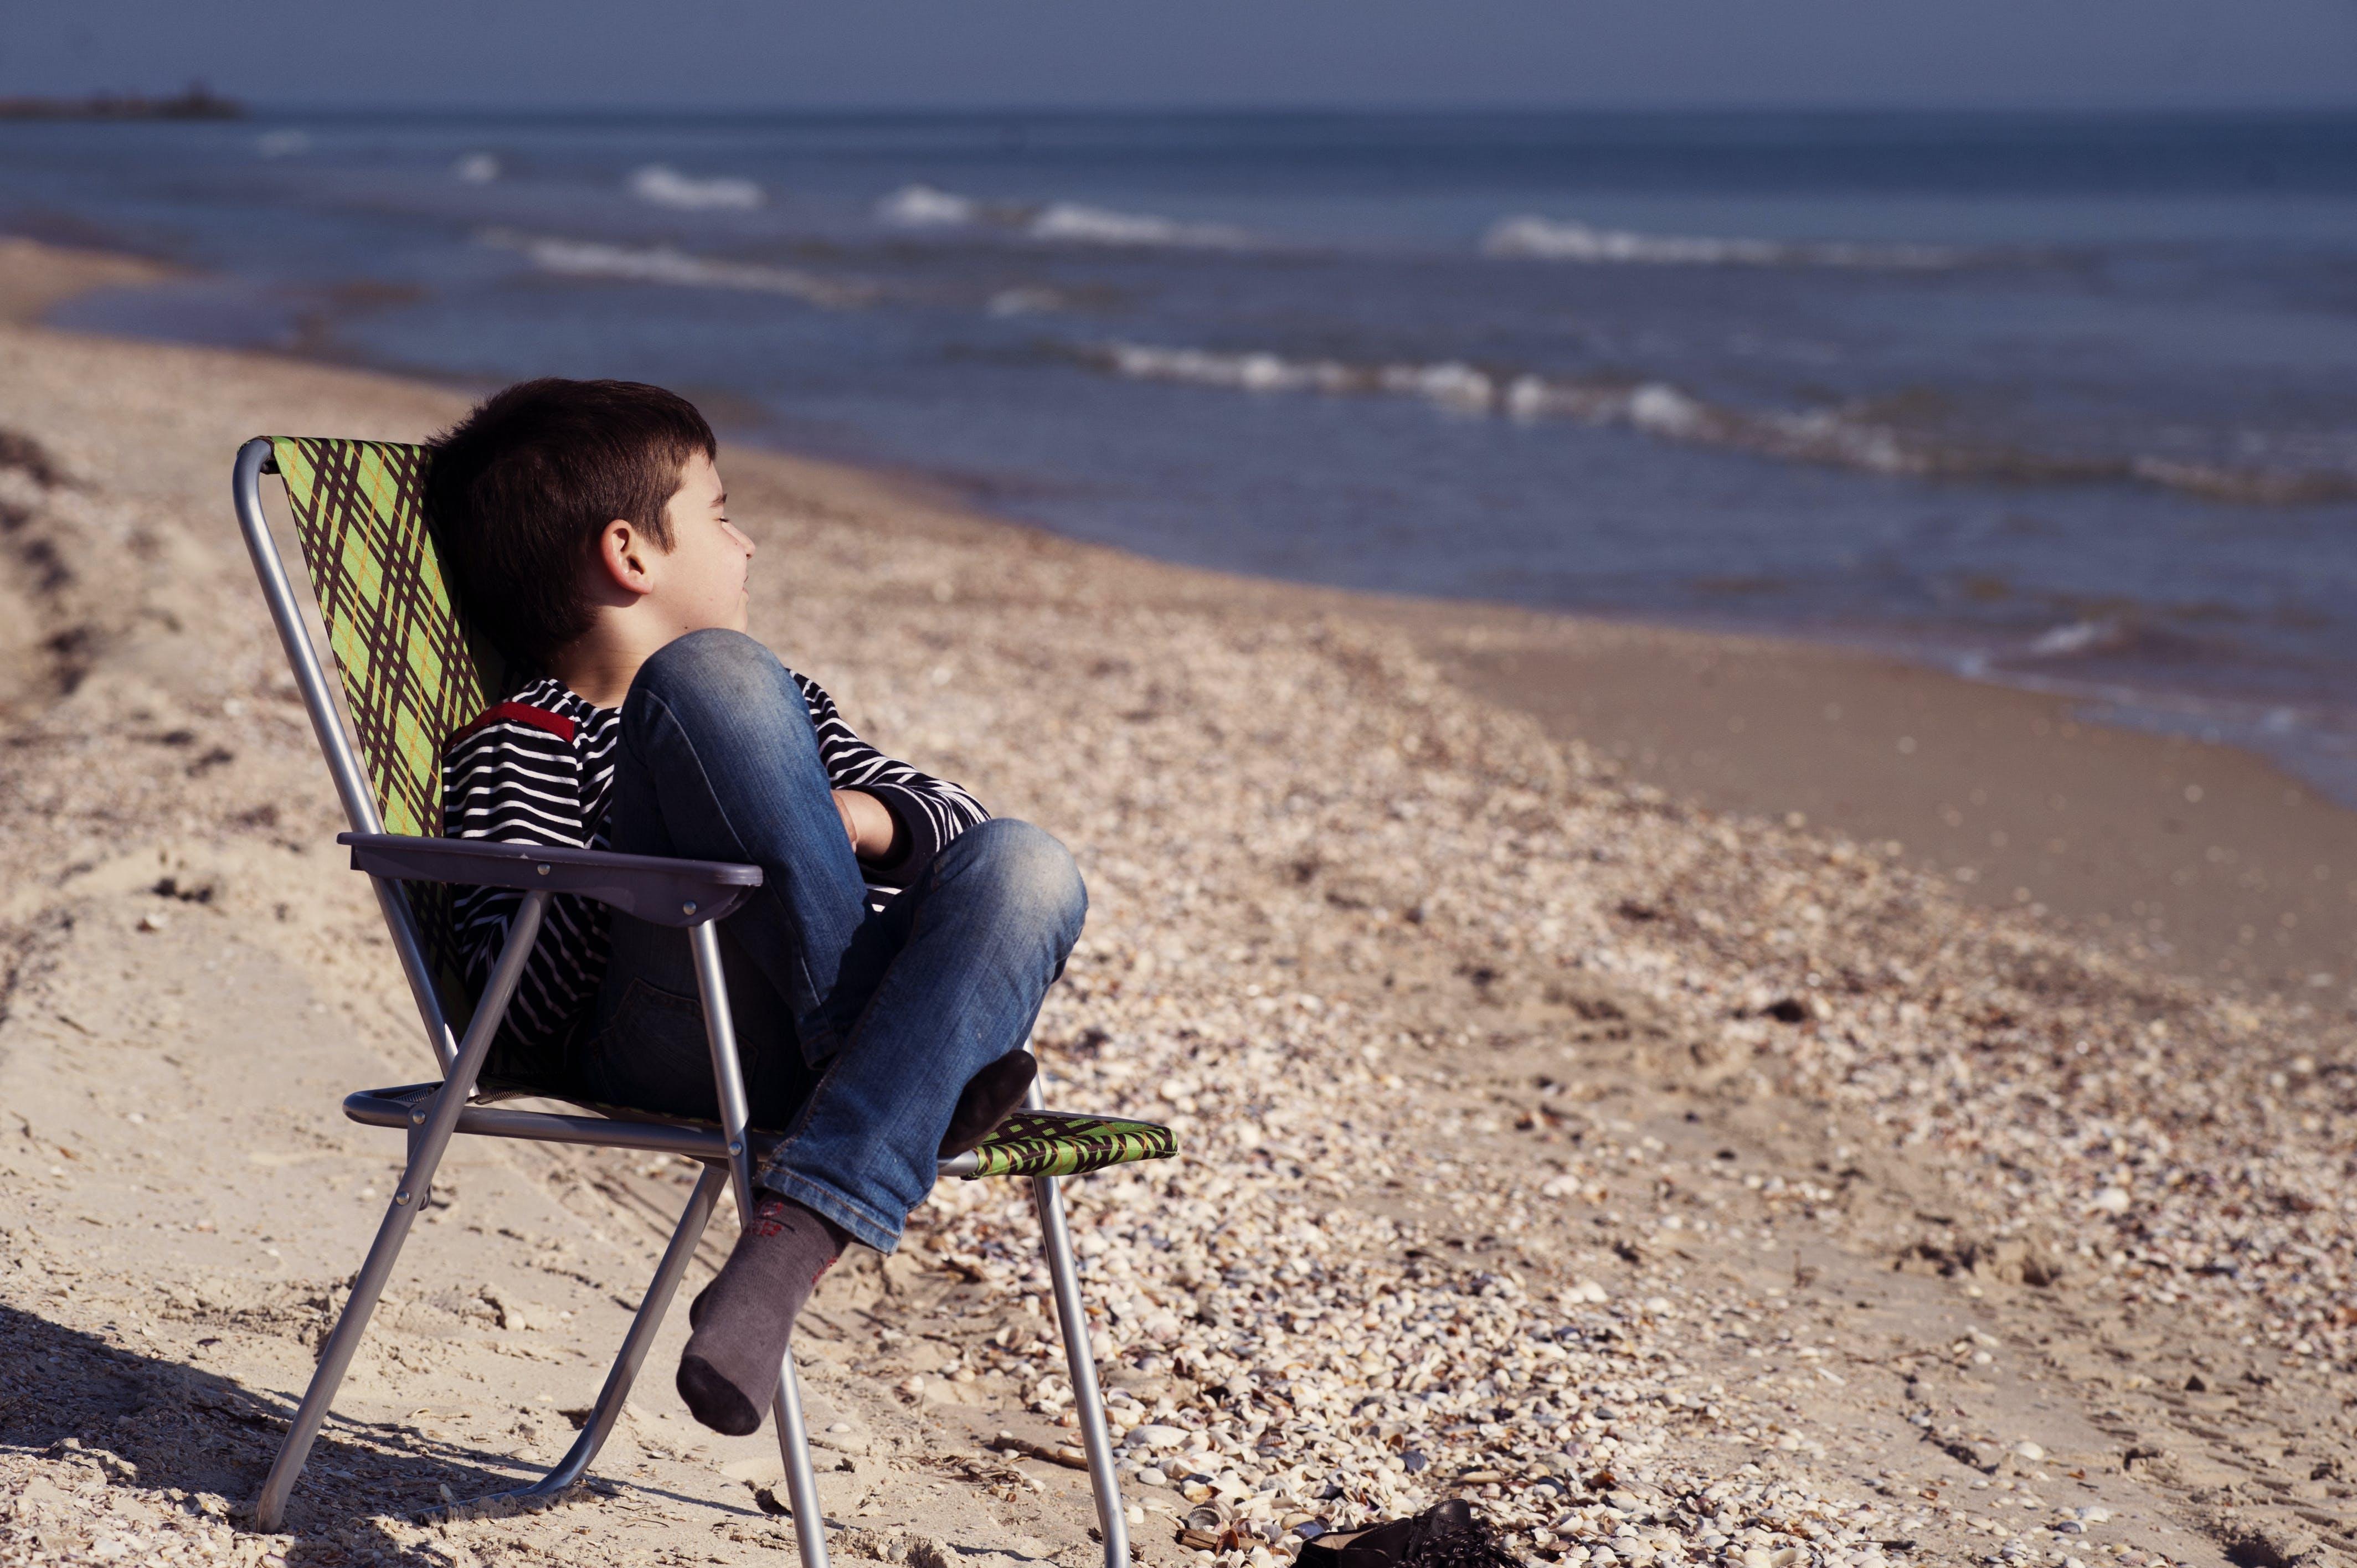 Foto d'estoc gratuïta de aigua, assegut, cadira, dia